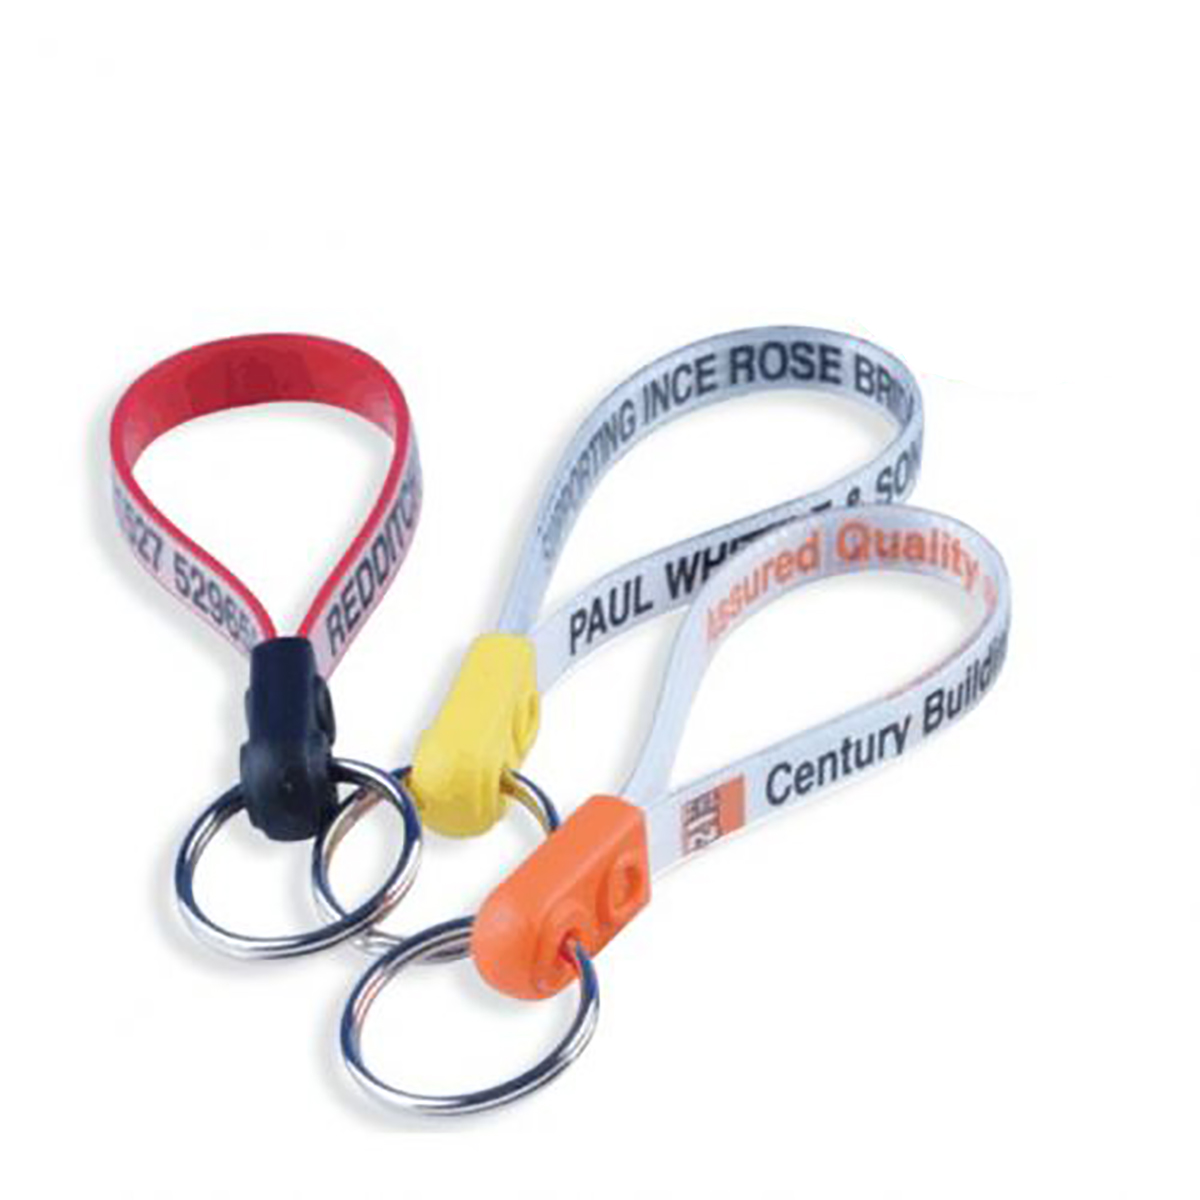 Plastic Loop Keyrings